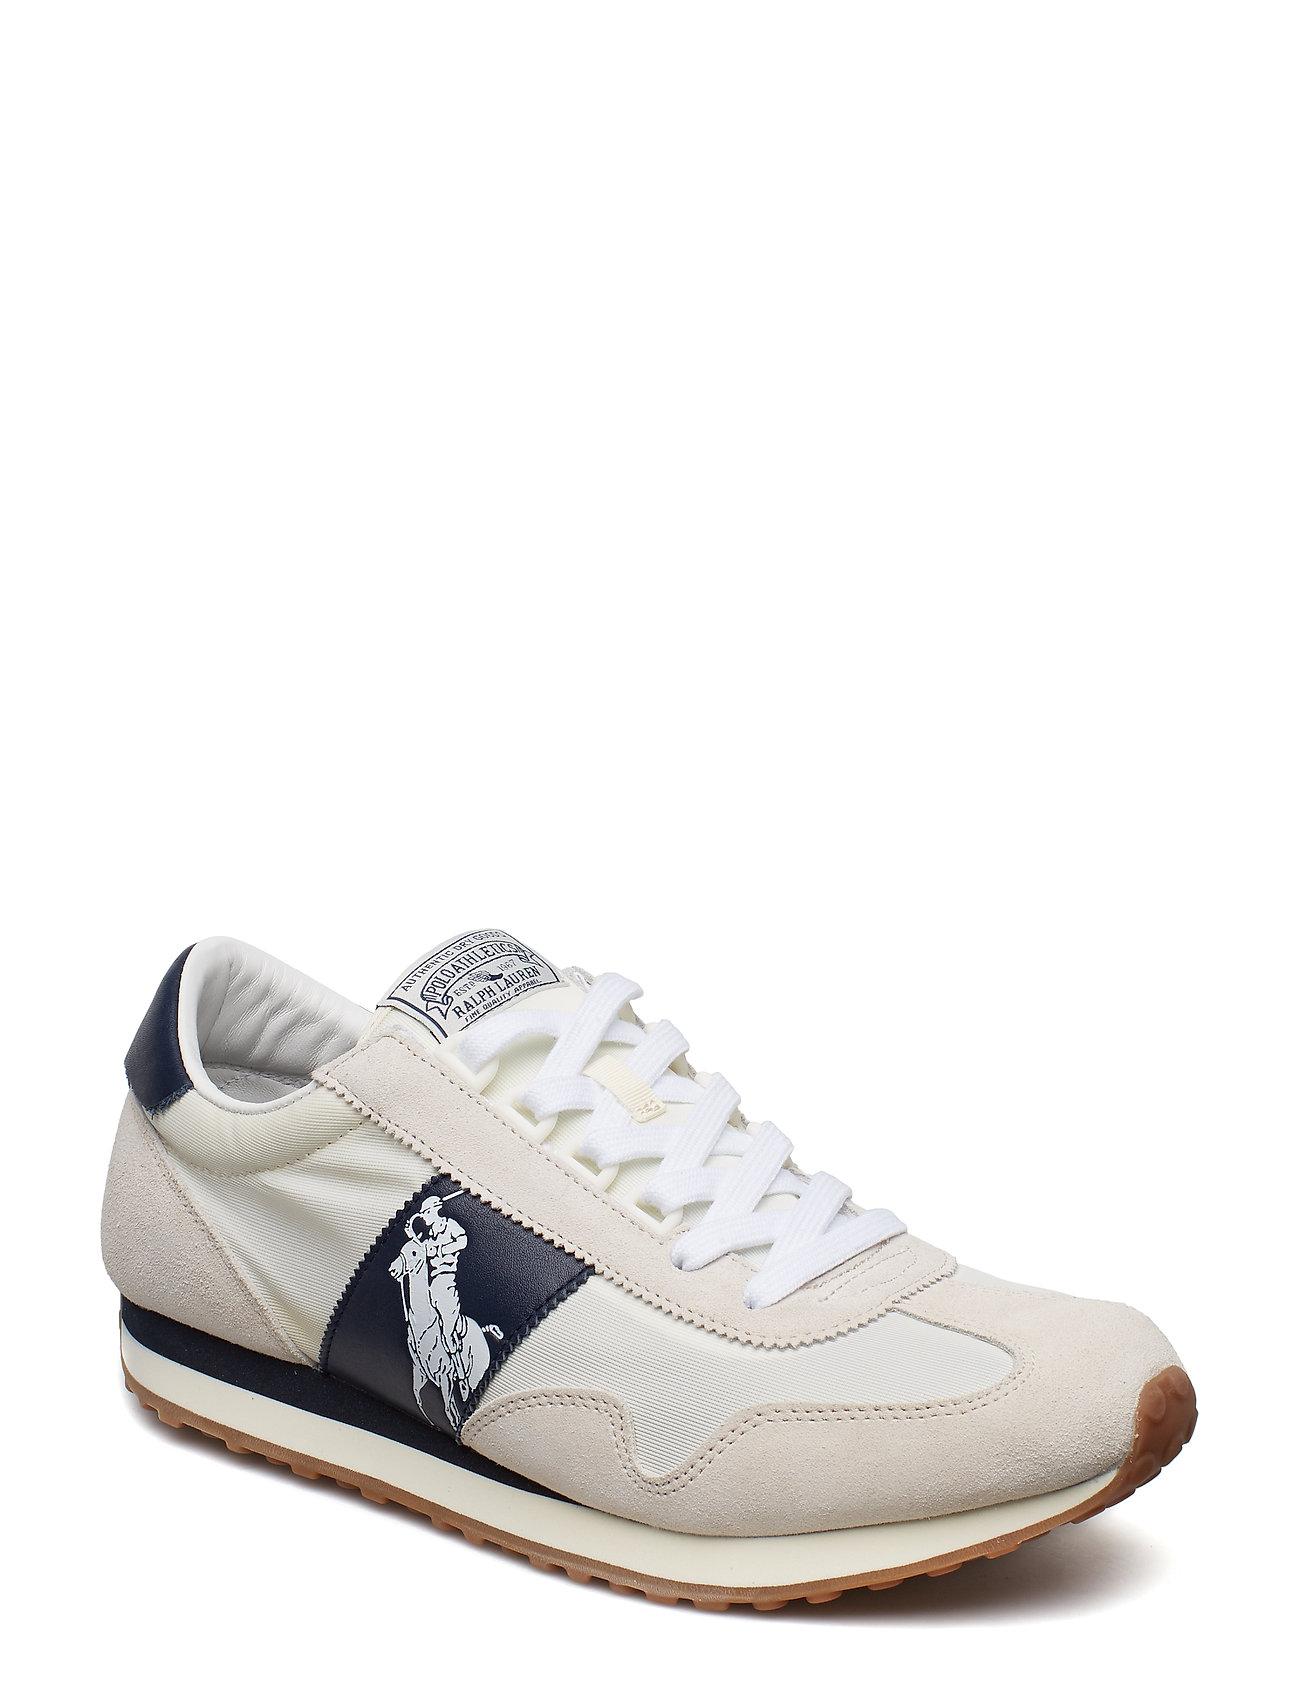 Polo Ralph Lauren Train 90 Sneaker - EGRET/WHITE